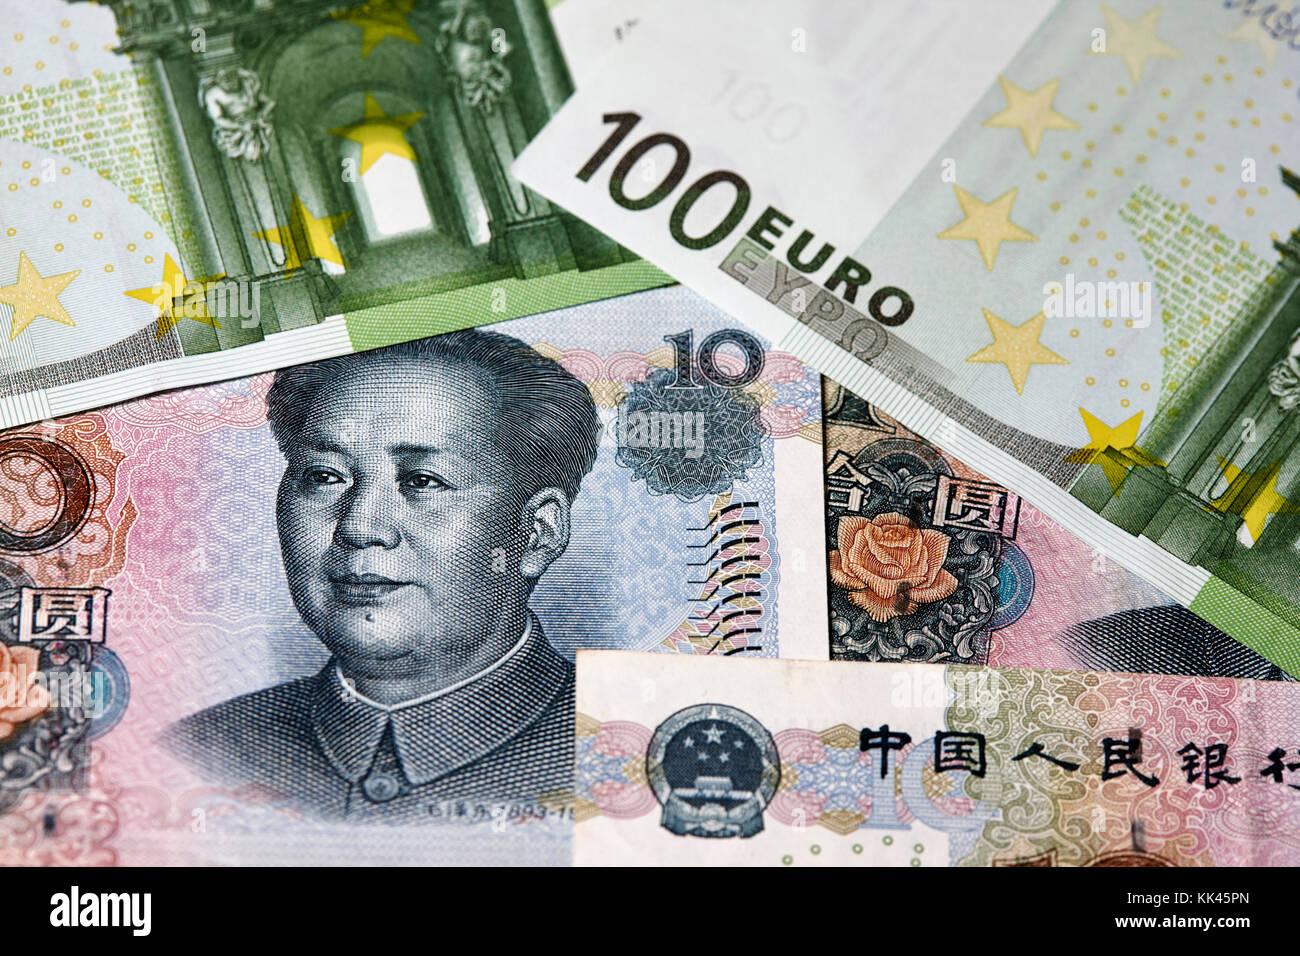 chinese yuan renminbi and euros cash - Stock Image